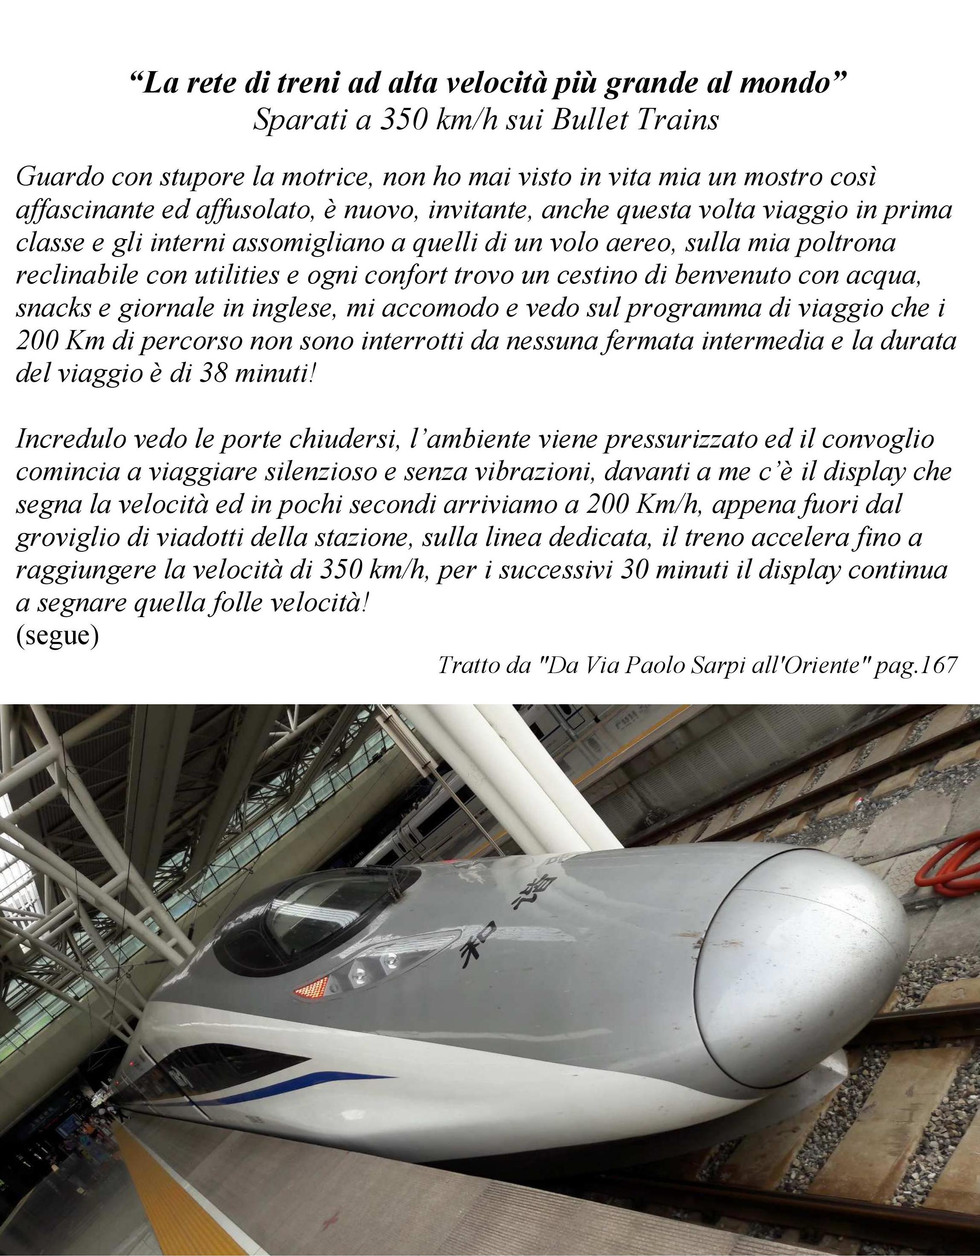 19_Poster_La_rete_di_treni_ad_alta_veloc